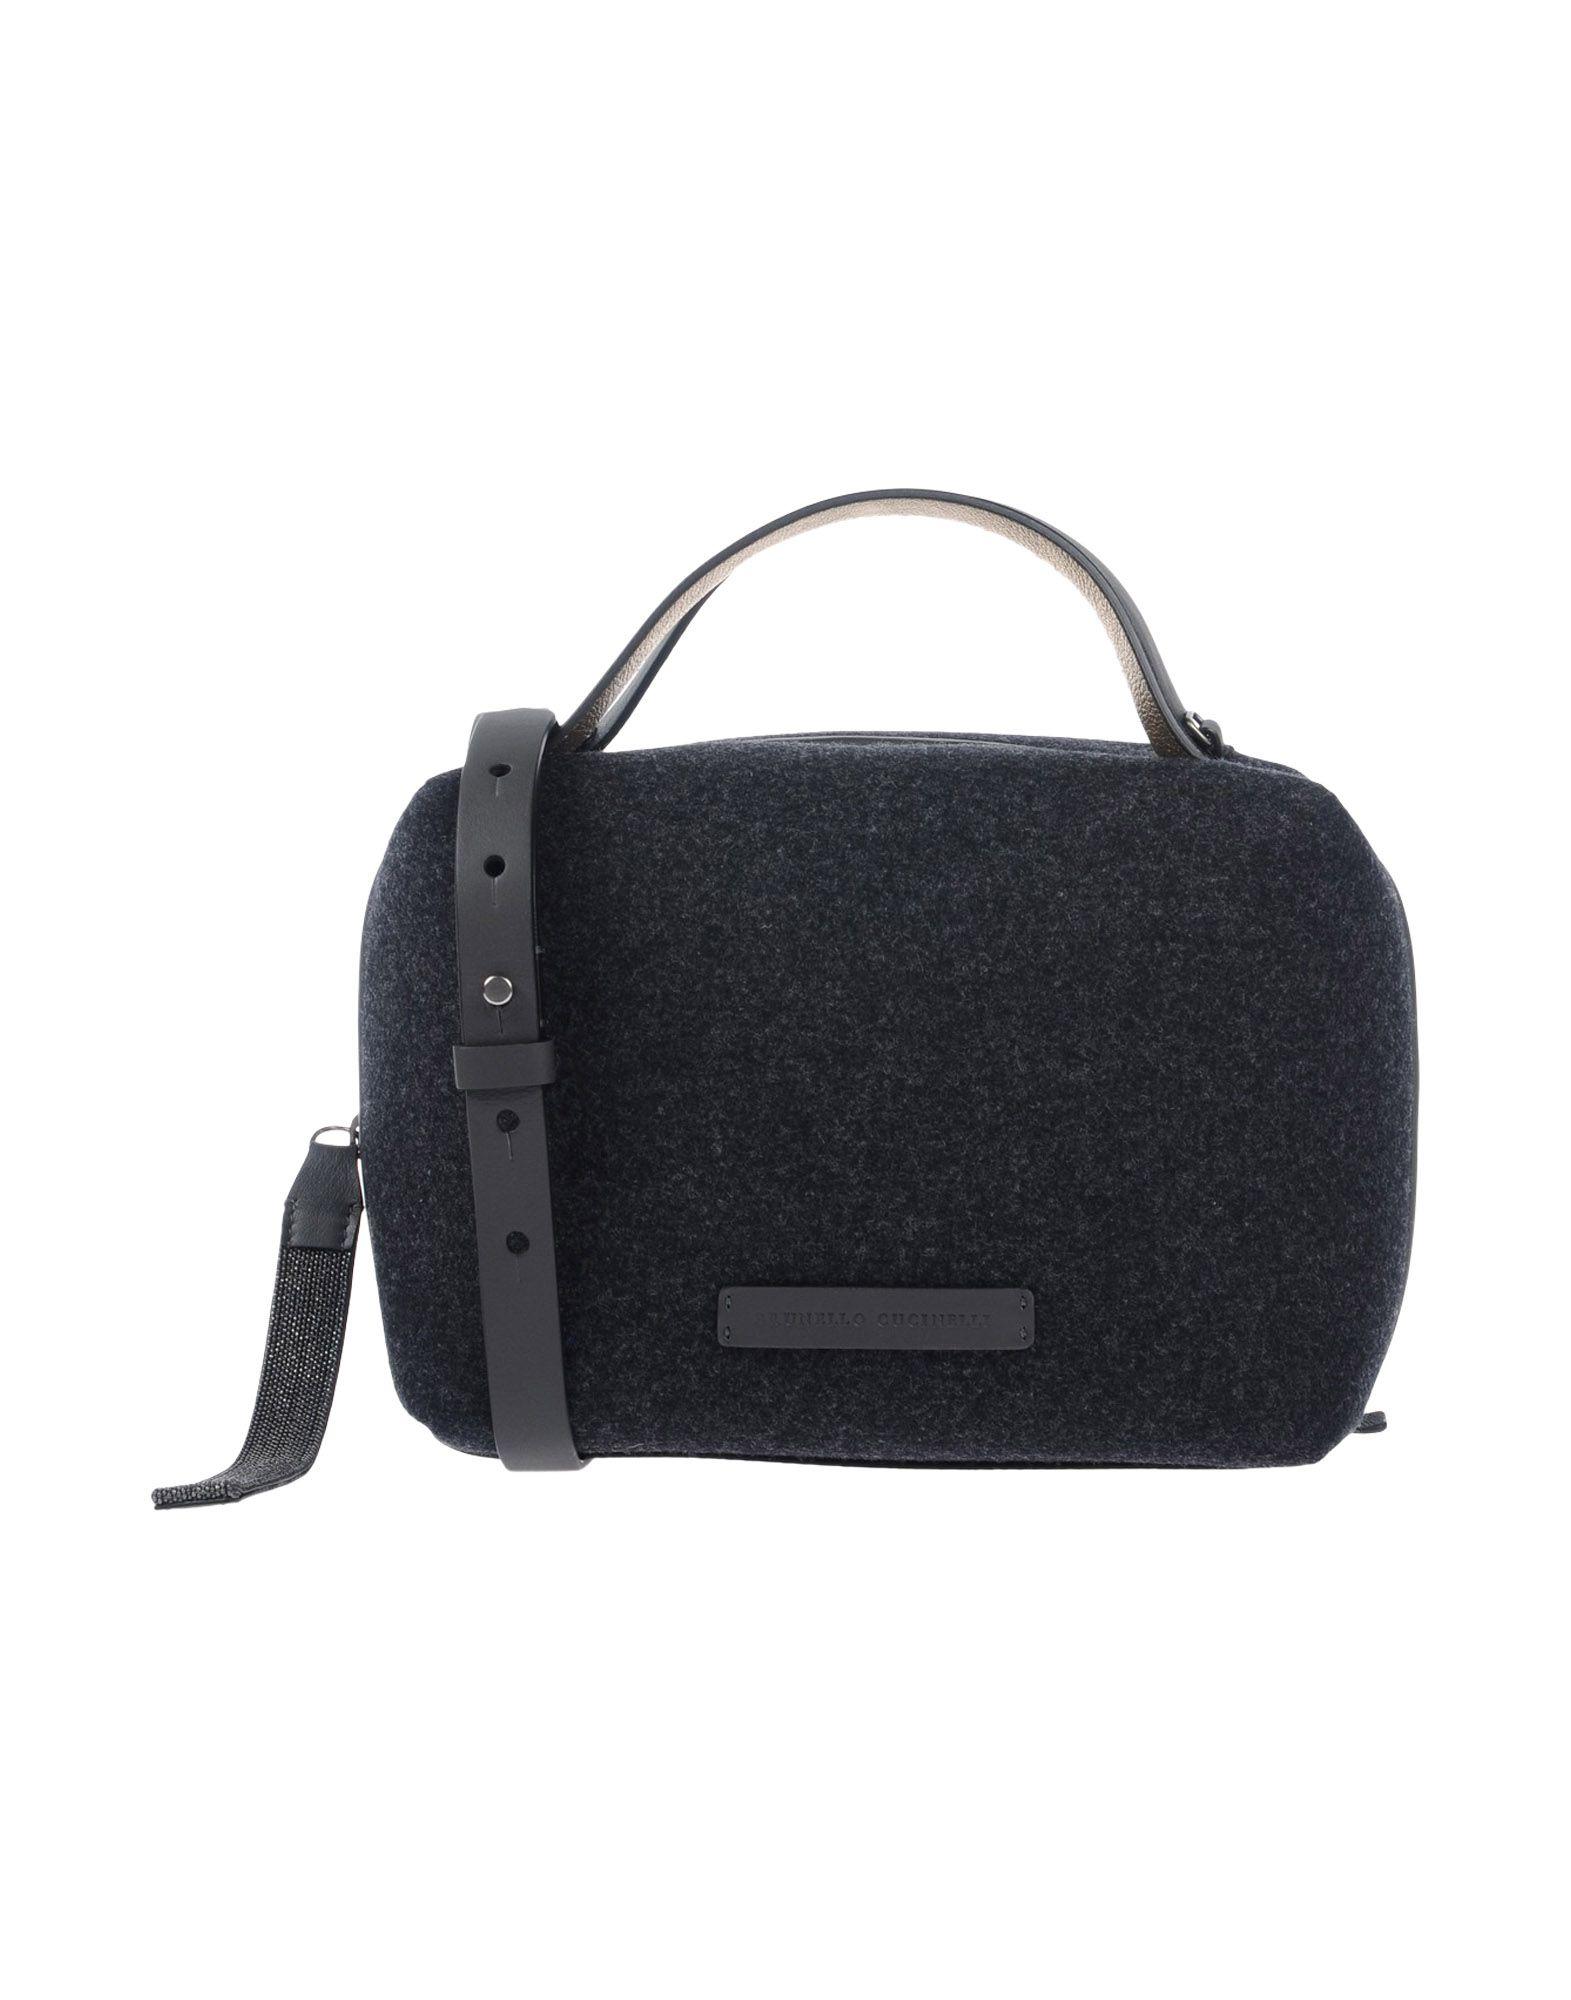 《送料無料》BRUNELLO CUCINELLI レディース ハンドバッグ スチールグレー 紡績繊維 / 革